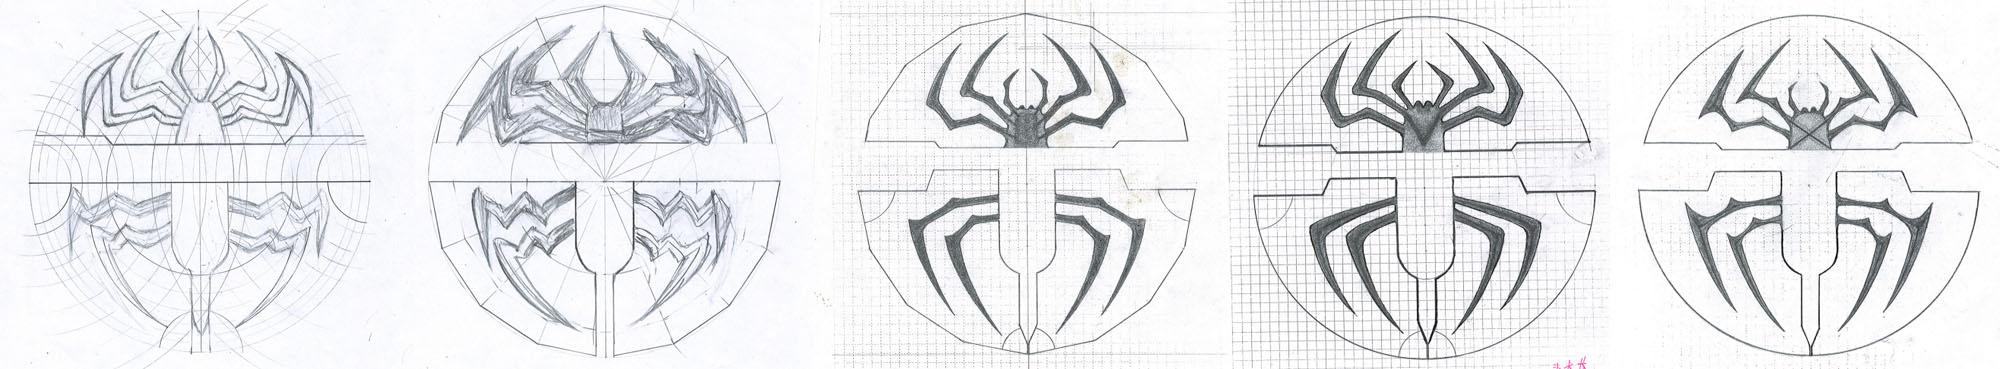 探索 蜘蛛2-2   (2).jpg